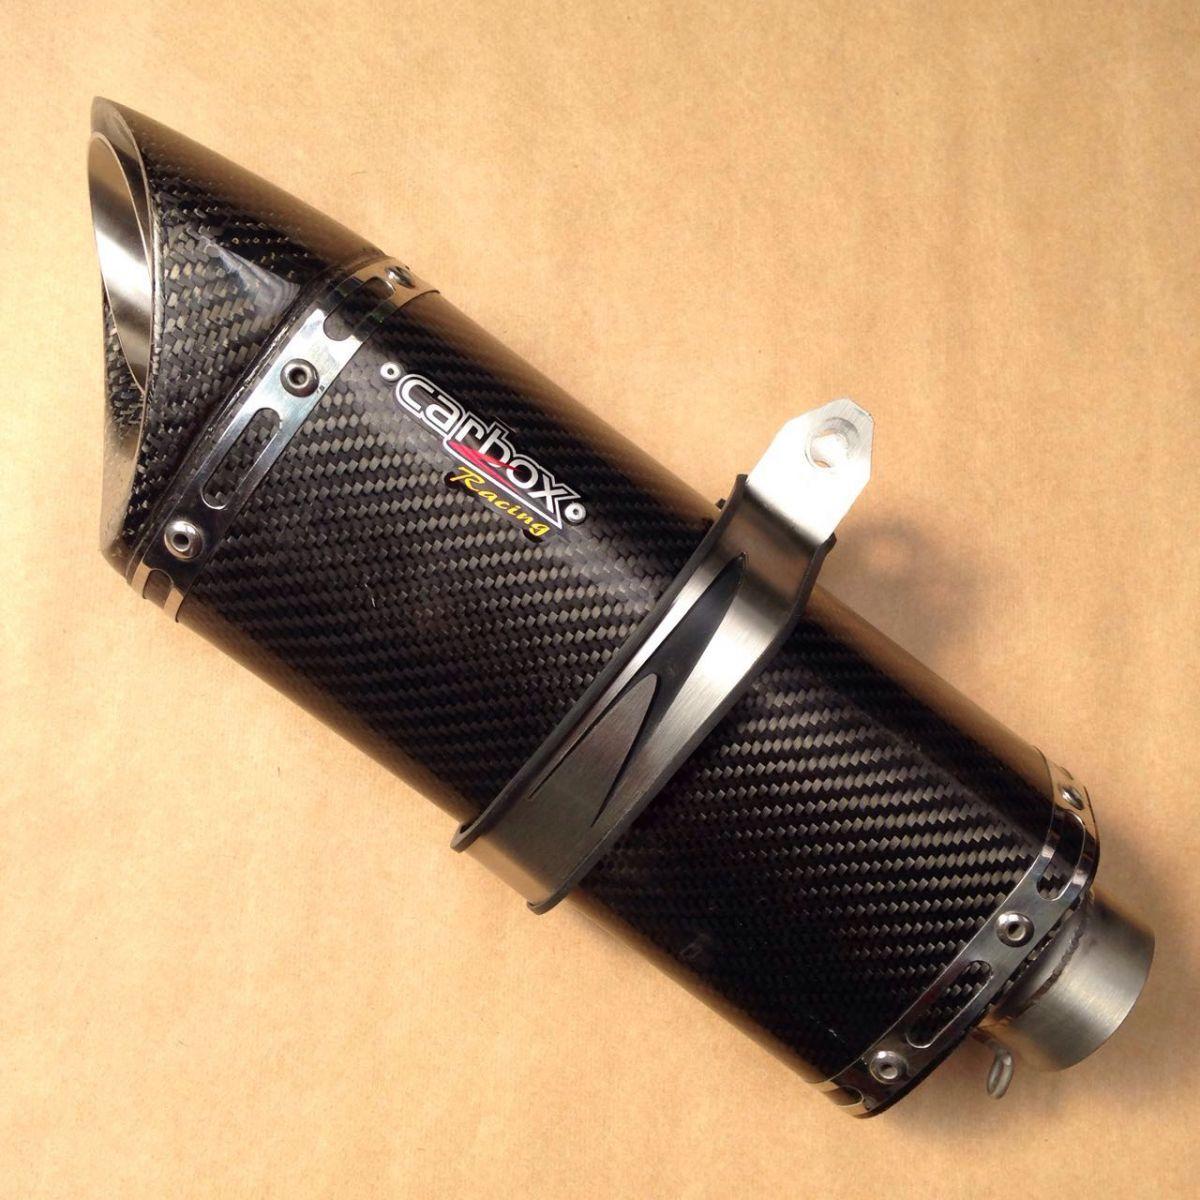 Ponteira Escapamento Scorpion S720 Carbon Full 2x1 - CB1000r Todas